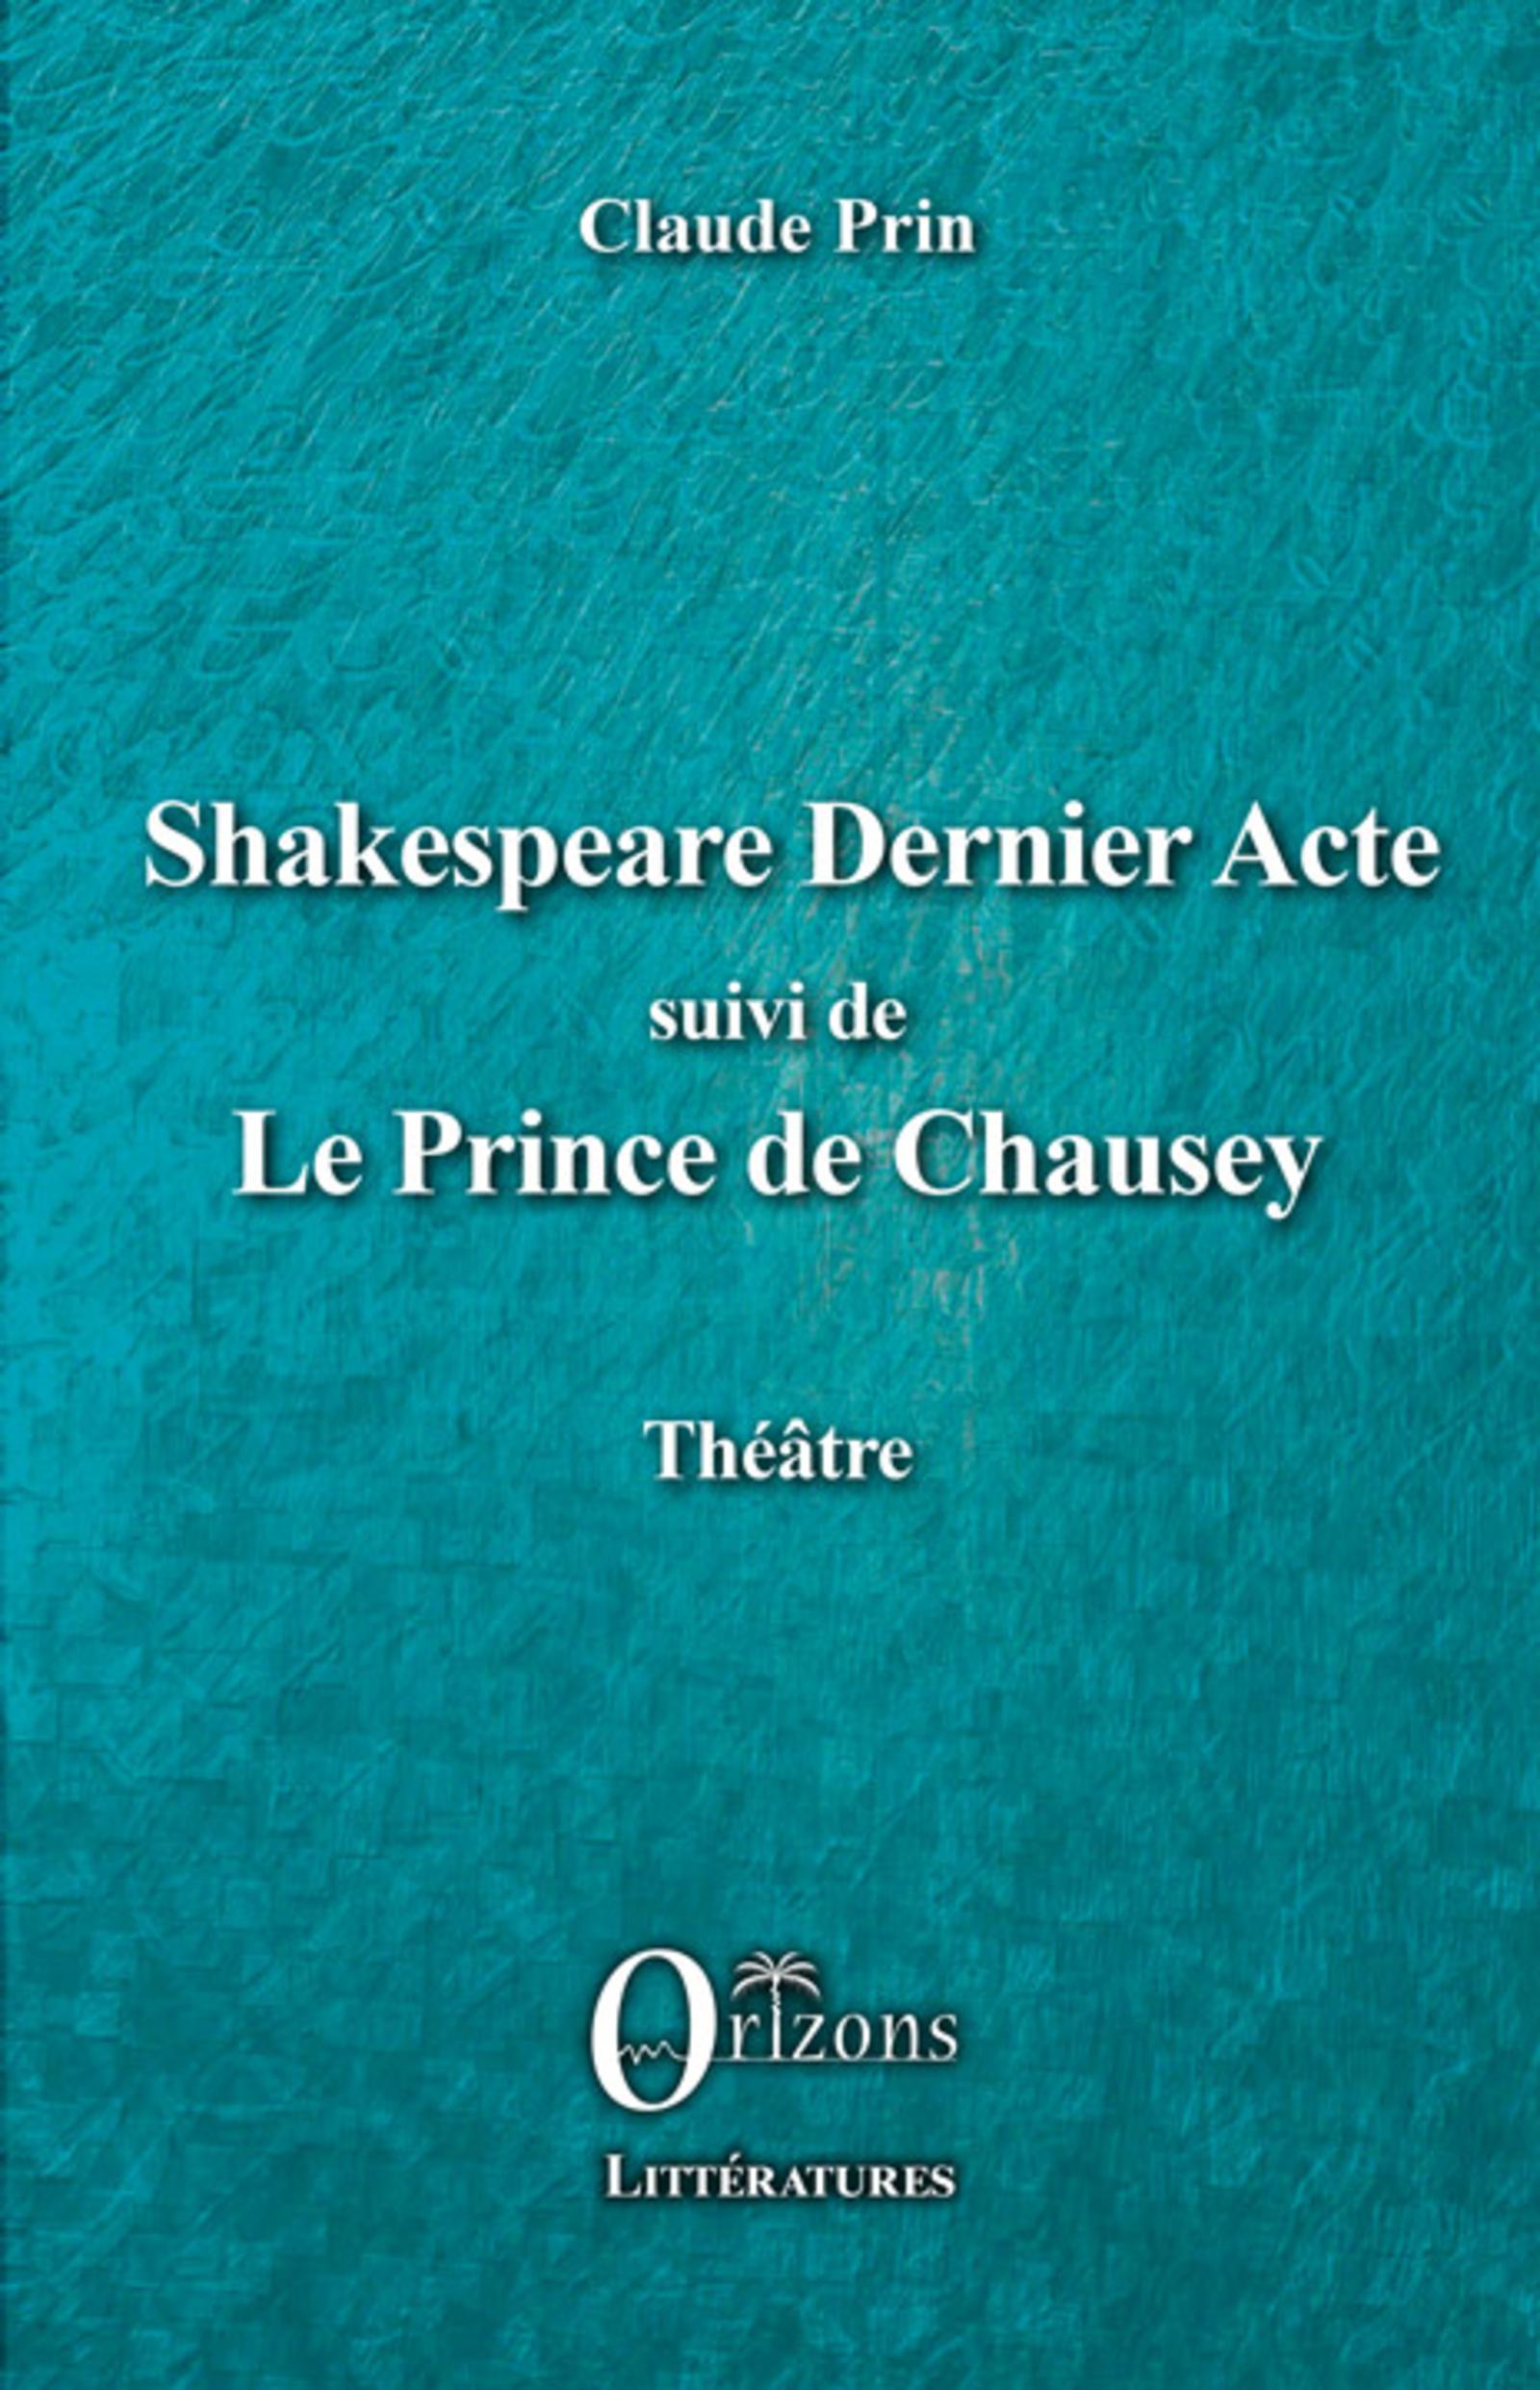 Shakespeare Dernier